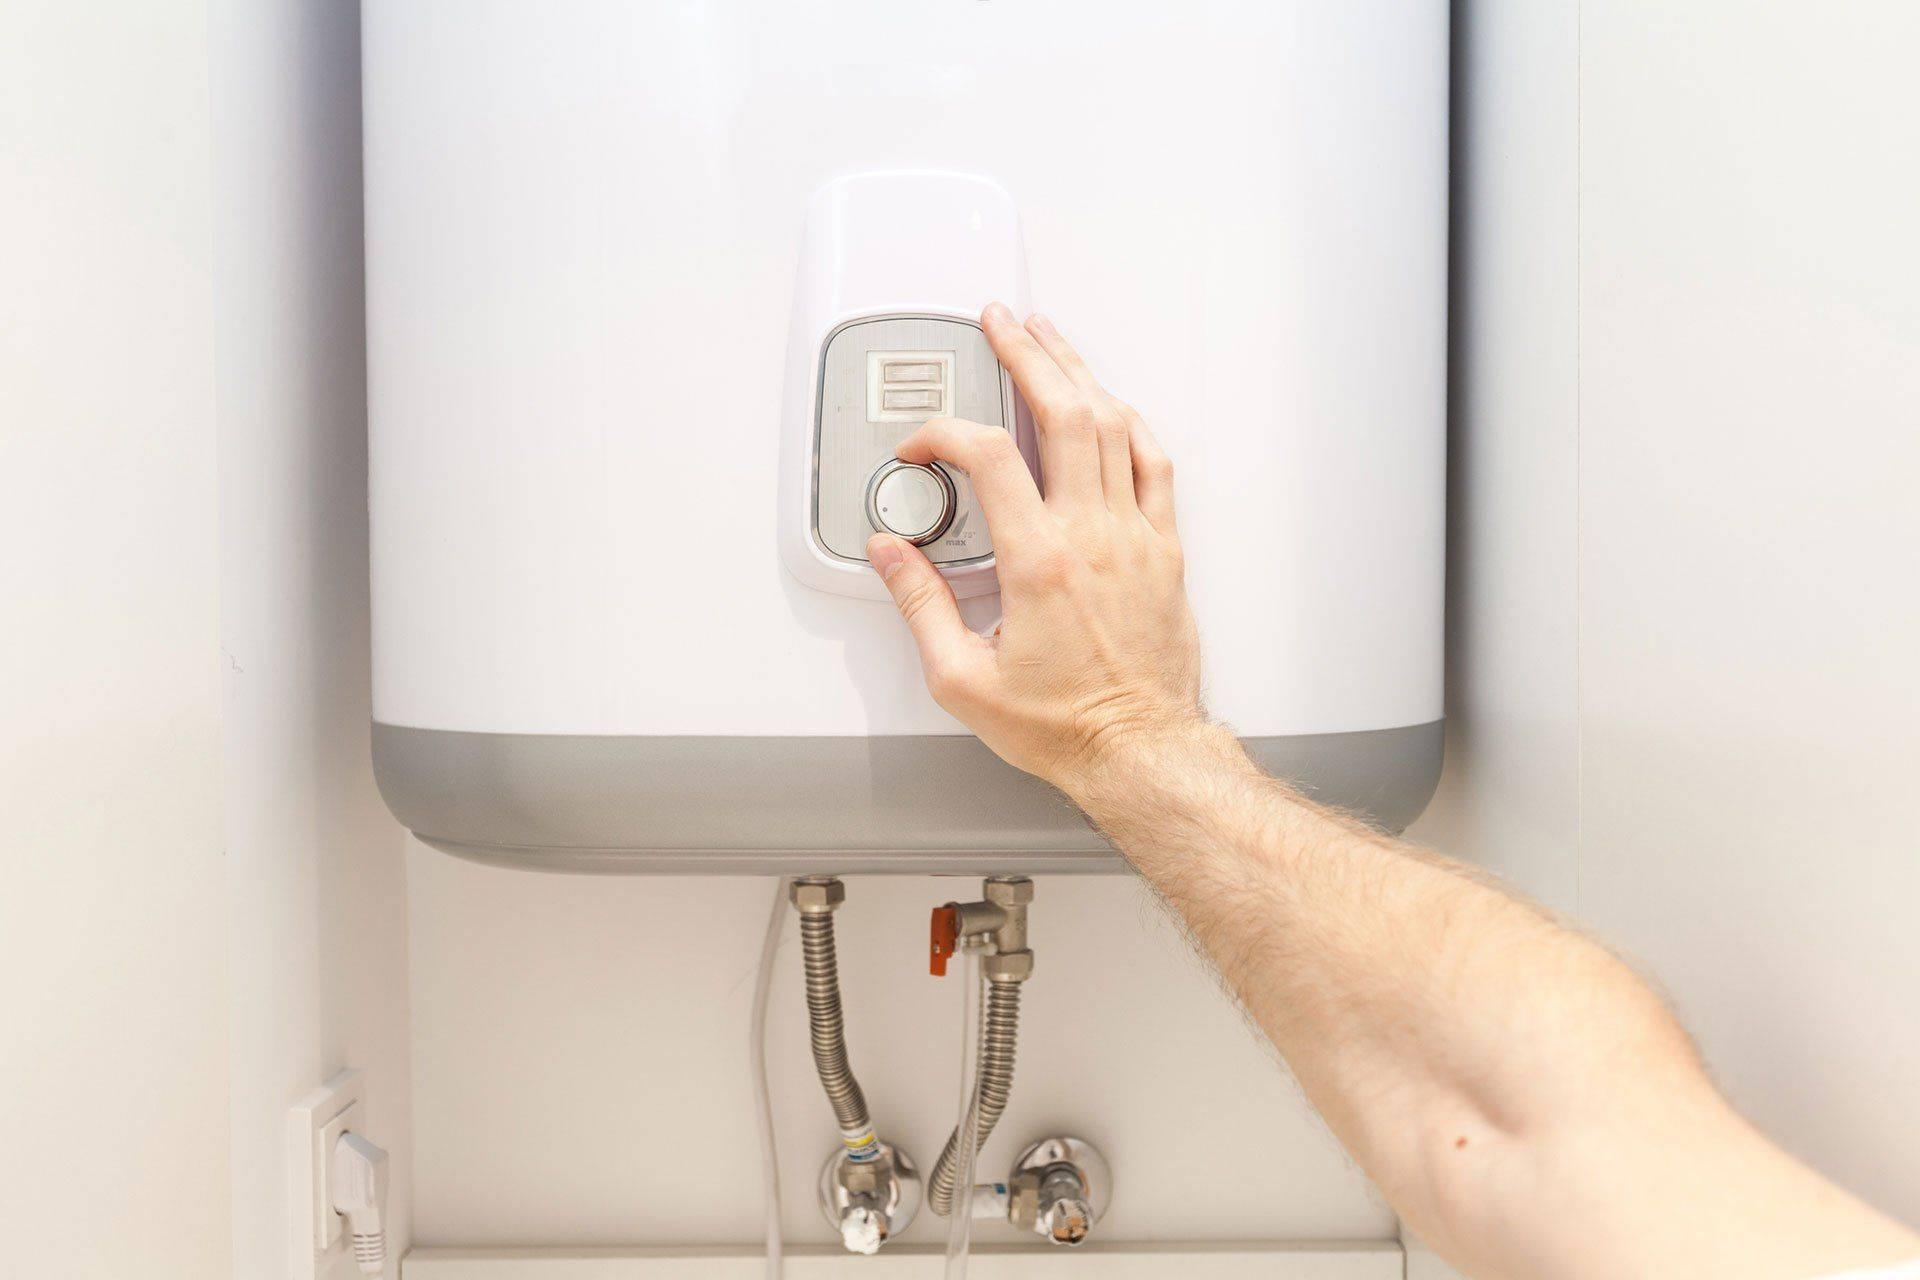 Водонагреватель не греет воду - индикатор горит, лампа не светится